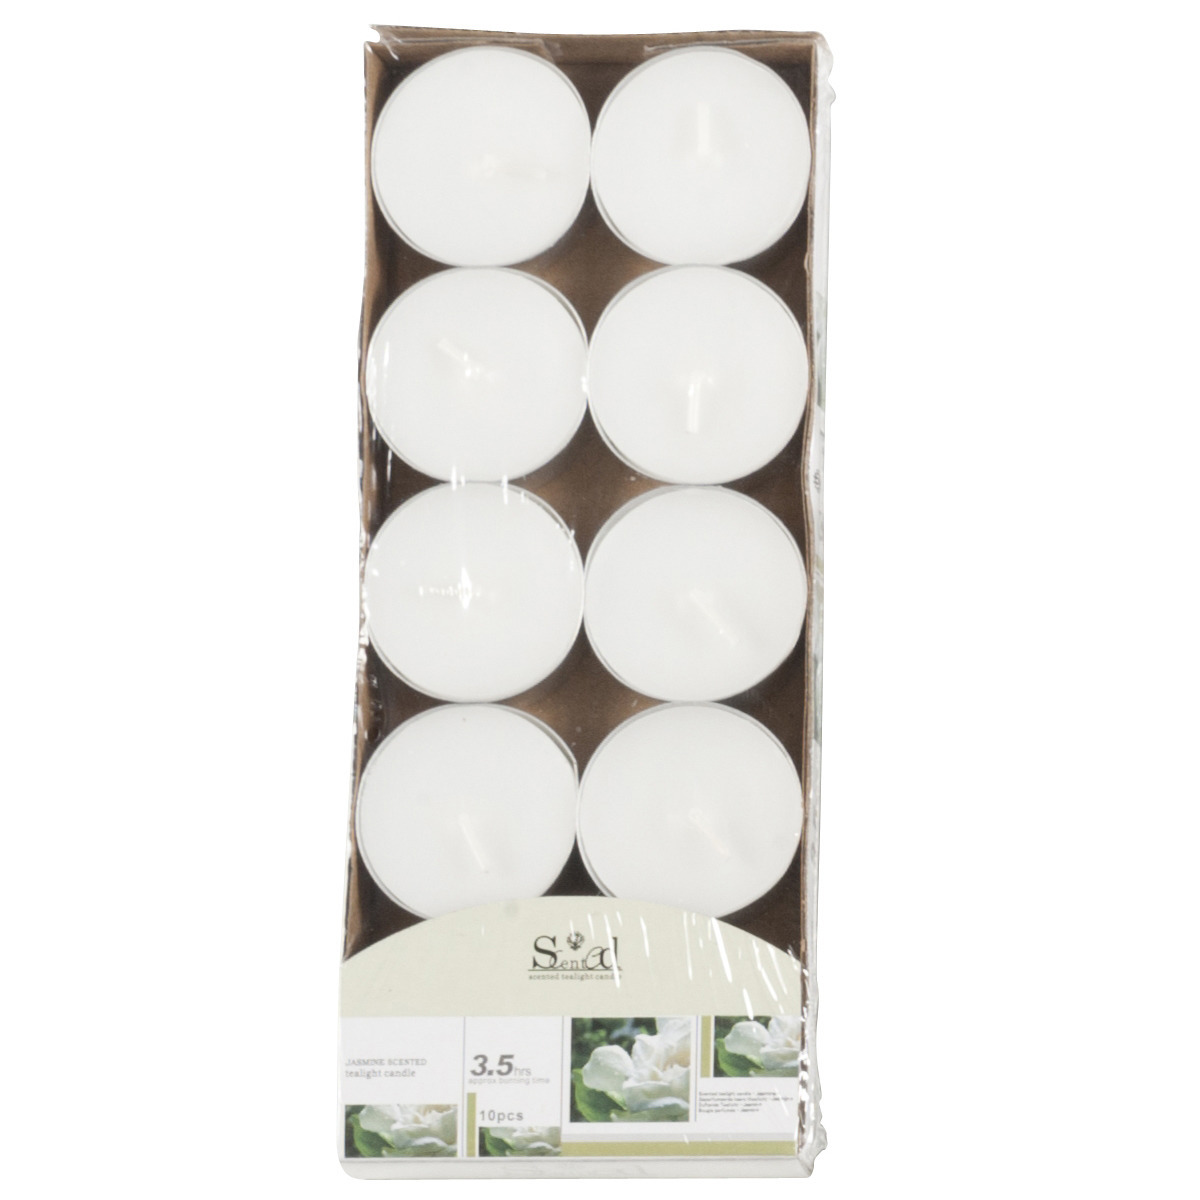 Woonaccessoires Geen Geur theelichtjes jasmijn wit 10 stuks